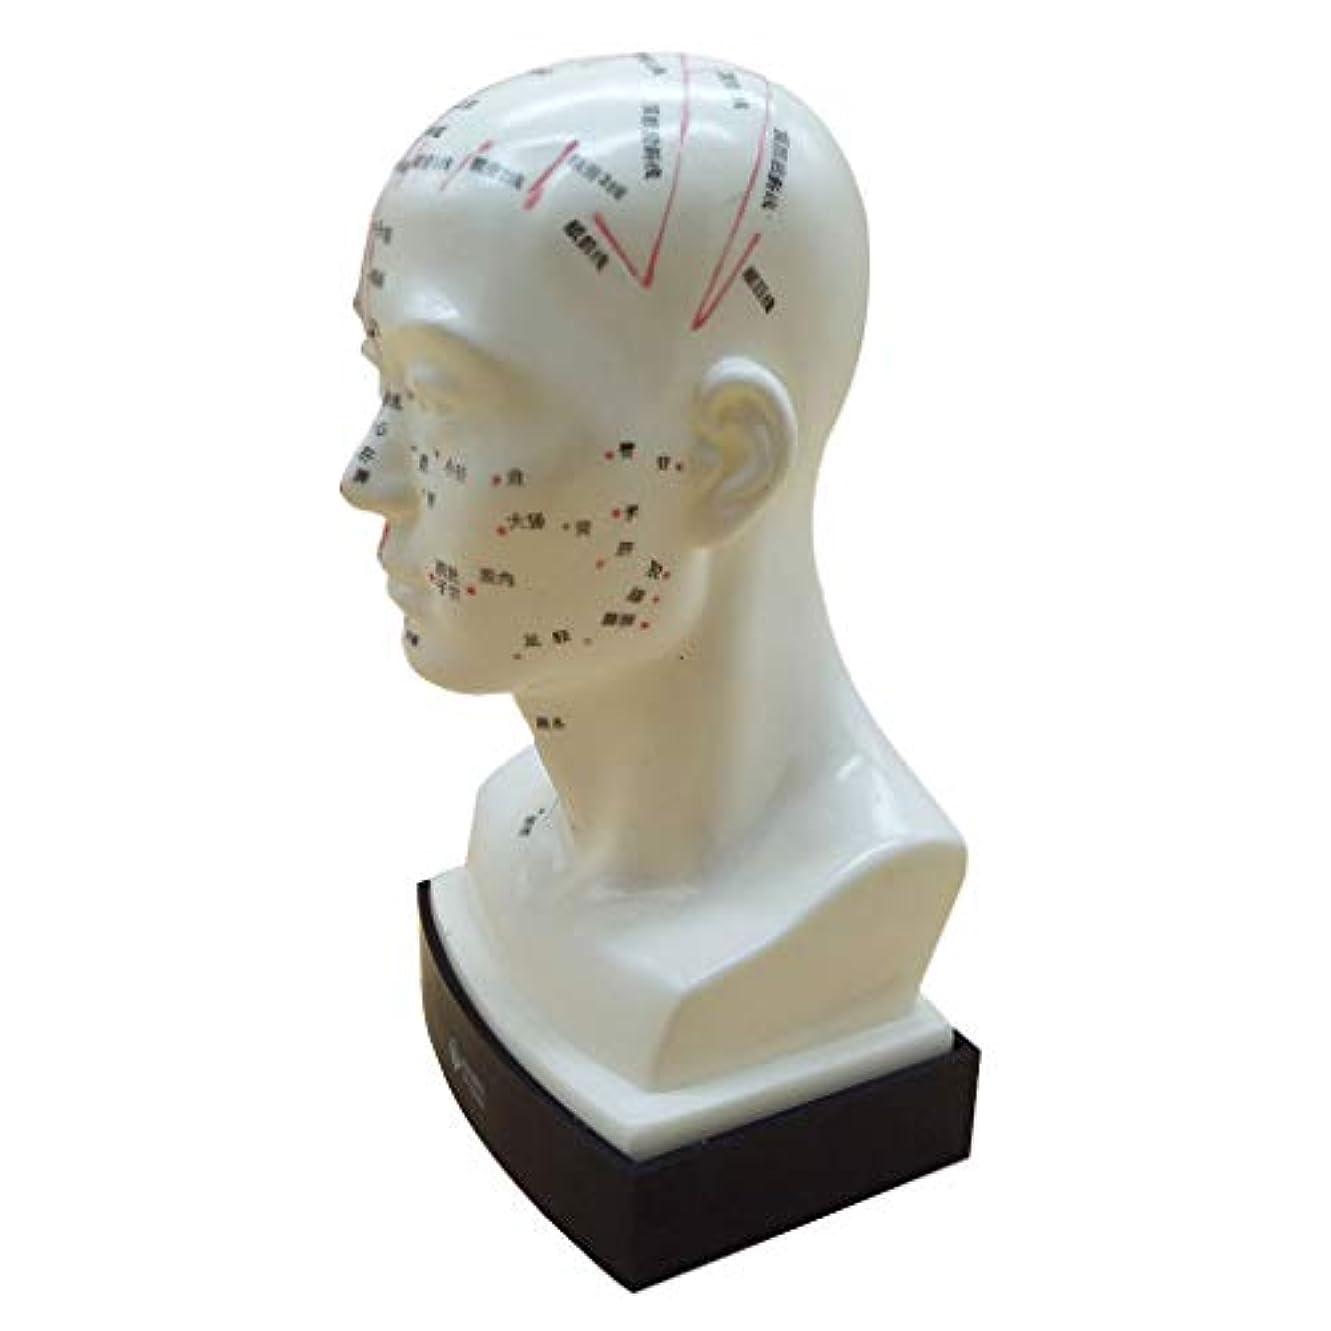 意気揚々レンズきつくsharprepublic 中国語で指圧ポイントを持つ人間の頭鍼治療経絡モデル